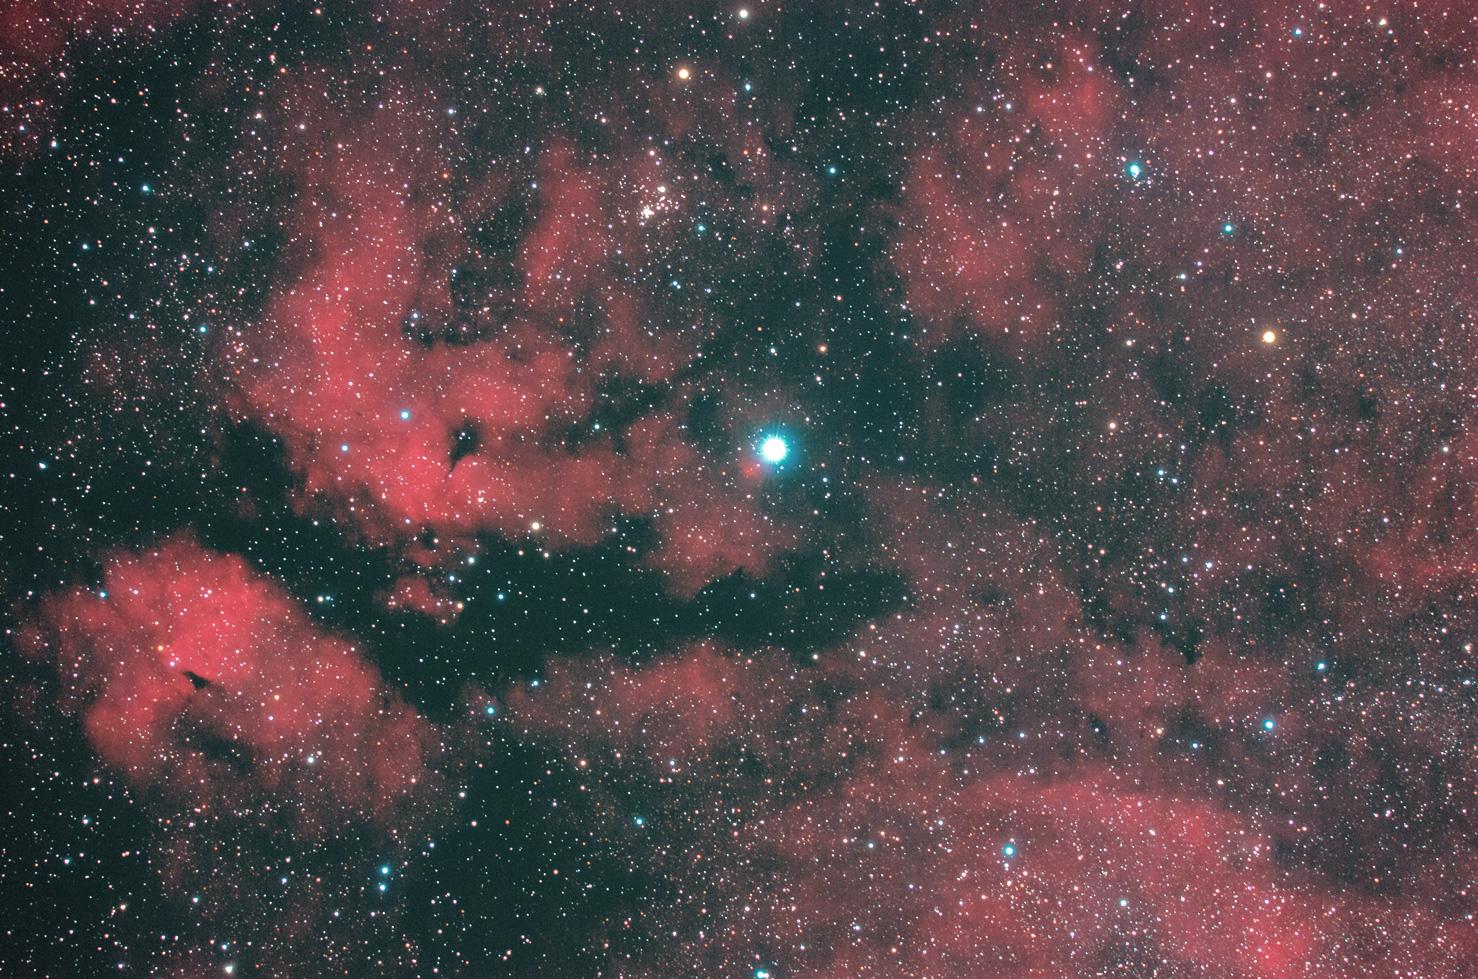 はくちょう座 サドル付近の散光星雲